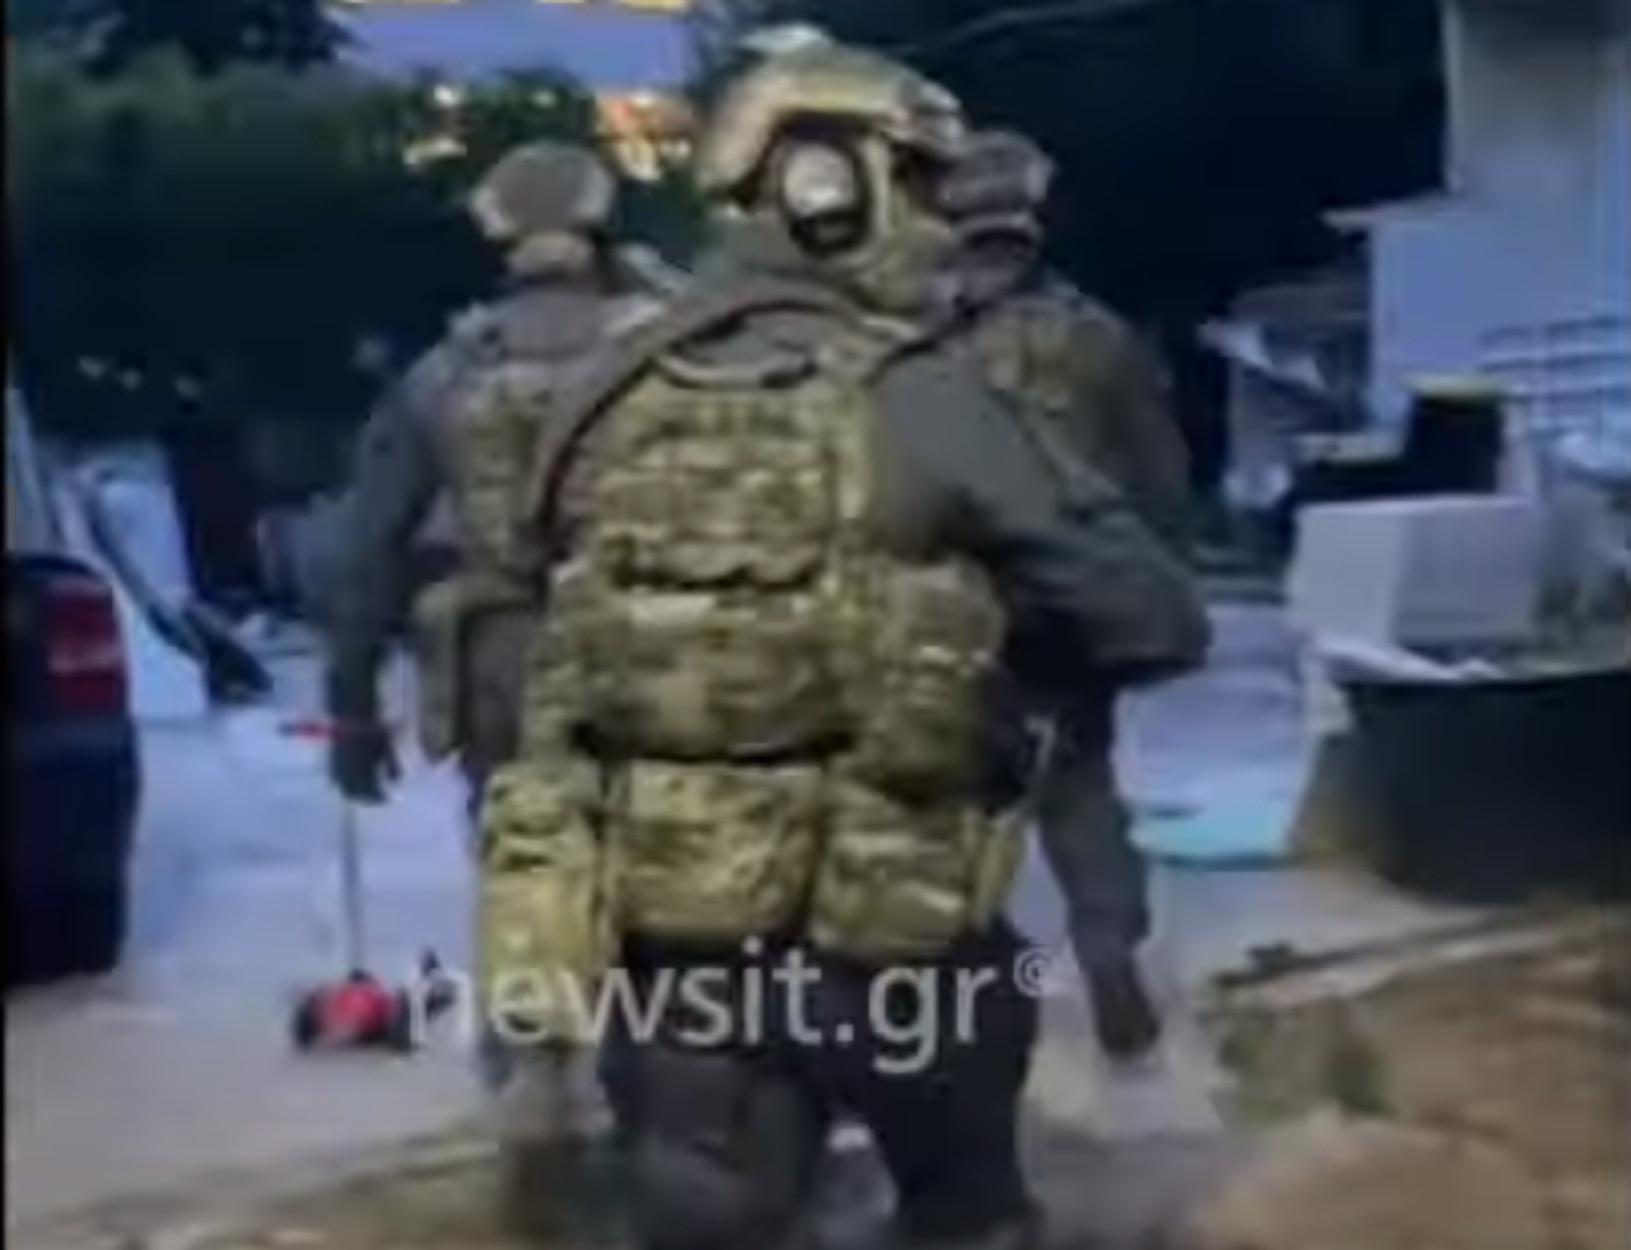 Αργυρούπολη: Έκαναν το πατάρι κομμωτηρίου… εργαστήριο κάνναβης – Βίντεο ντοκουμέντο